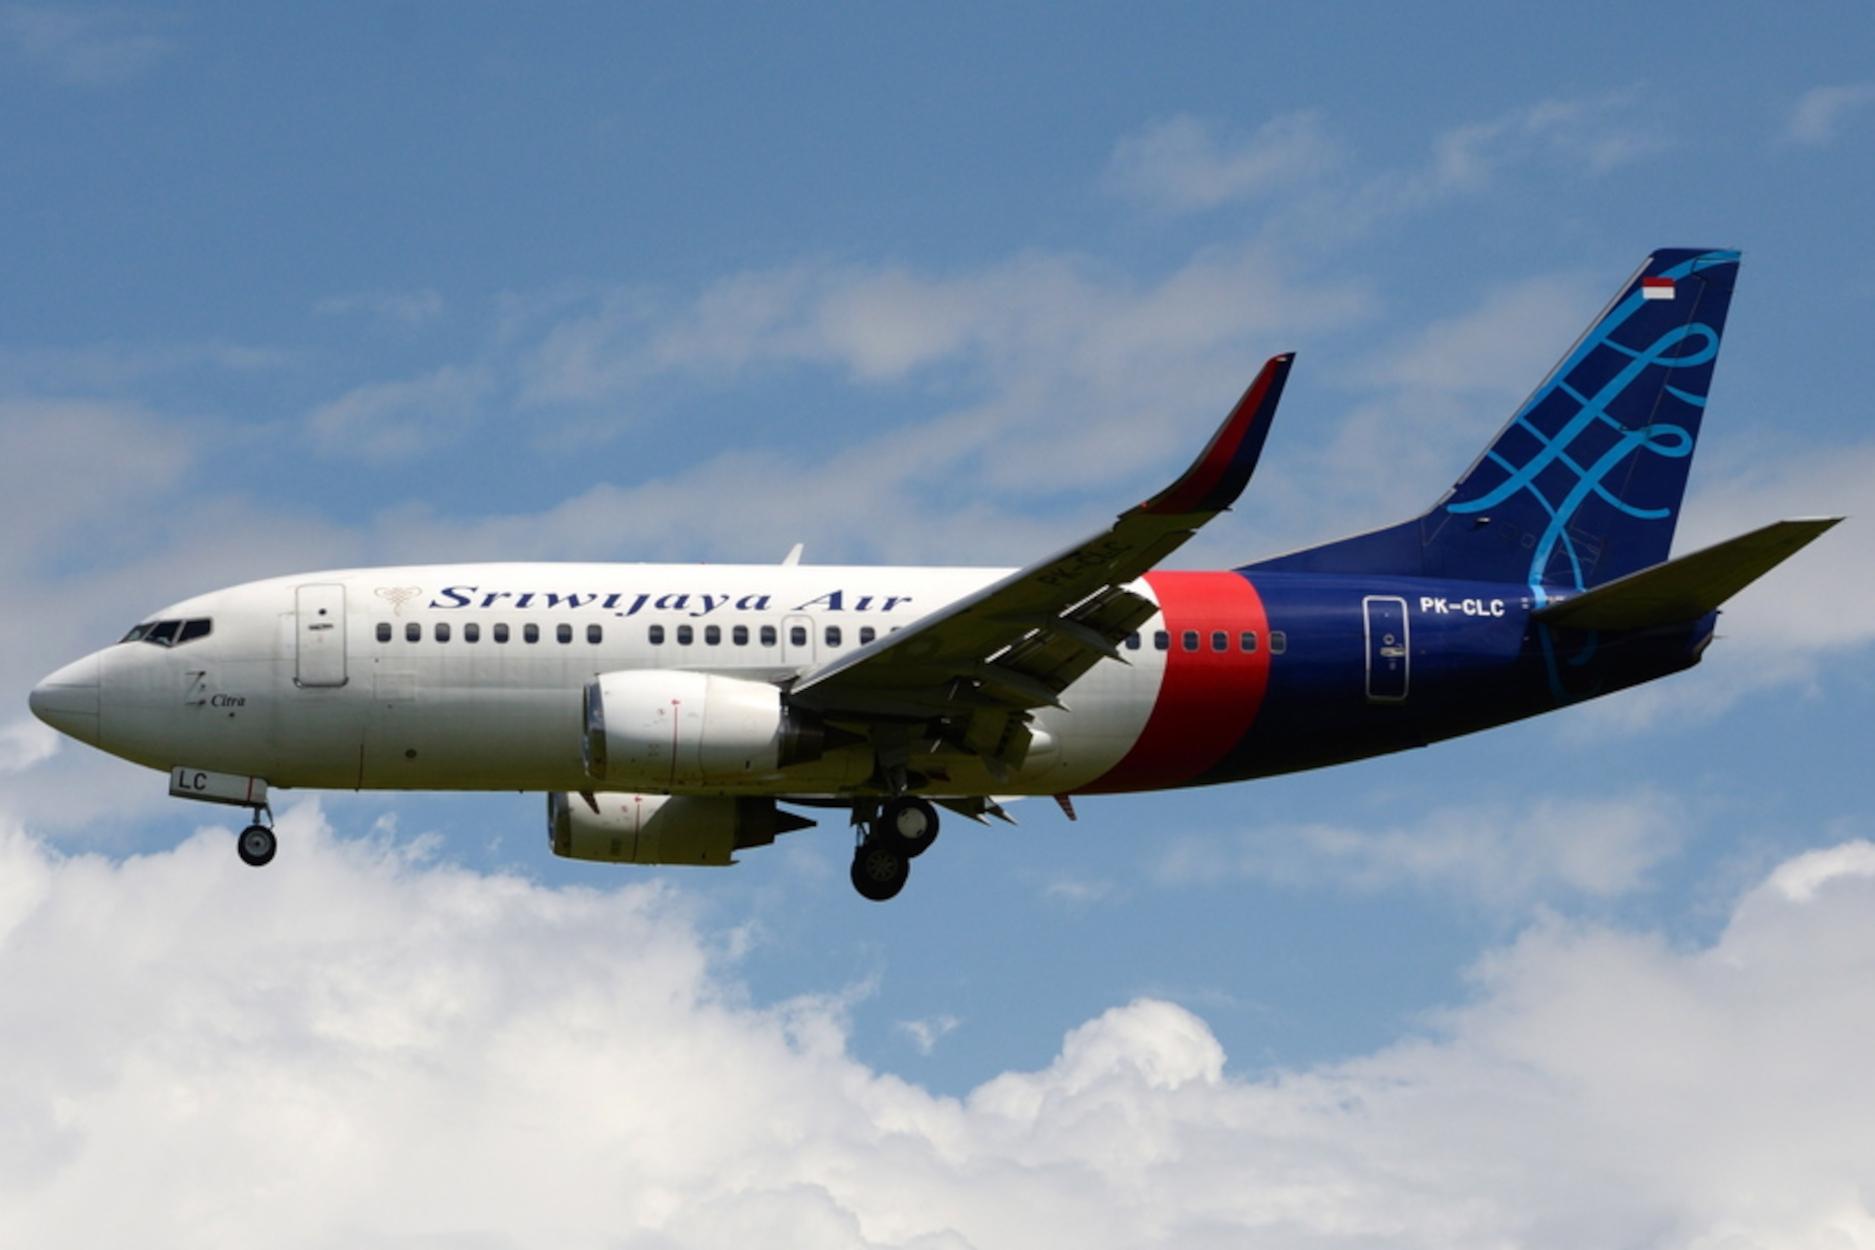 Ινδονησία: Τραγωδία με την πτήση της Sriwijaya Air! Βρέθηκαν συντρίμμια και ανθρώπινα μέλη (pics, video)